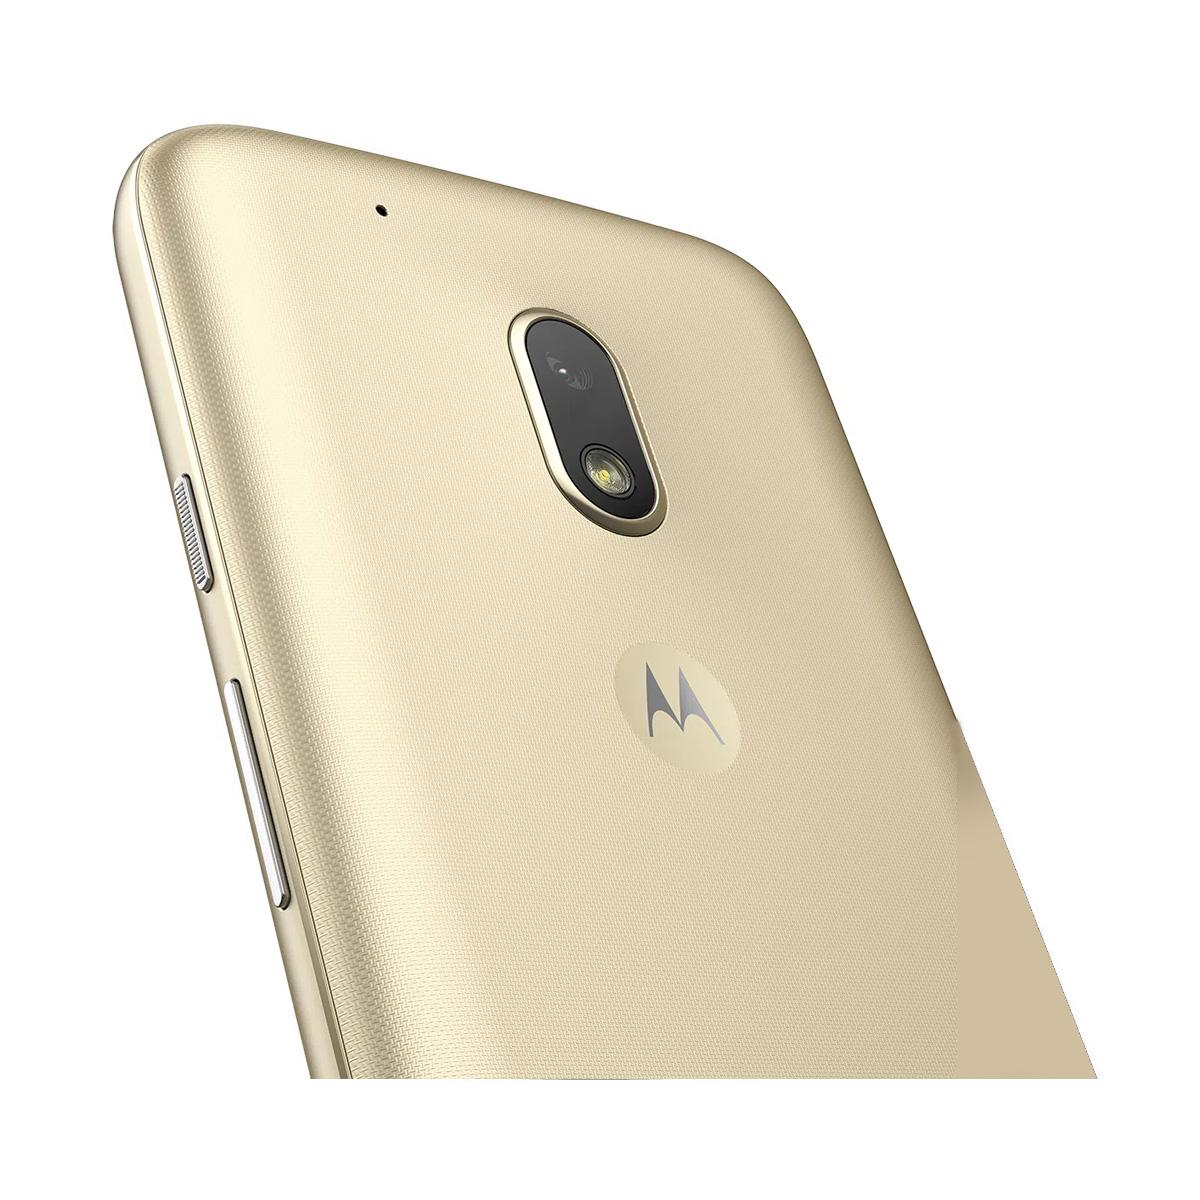 Moto G4 Play Dtv Xt1603 Tela 5' 16gb 8mp Anatel - Usado